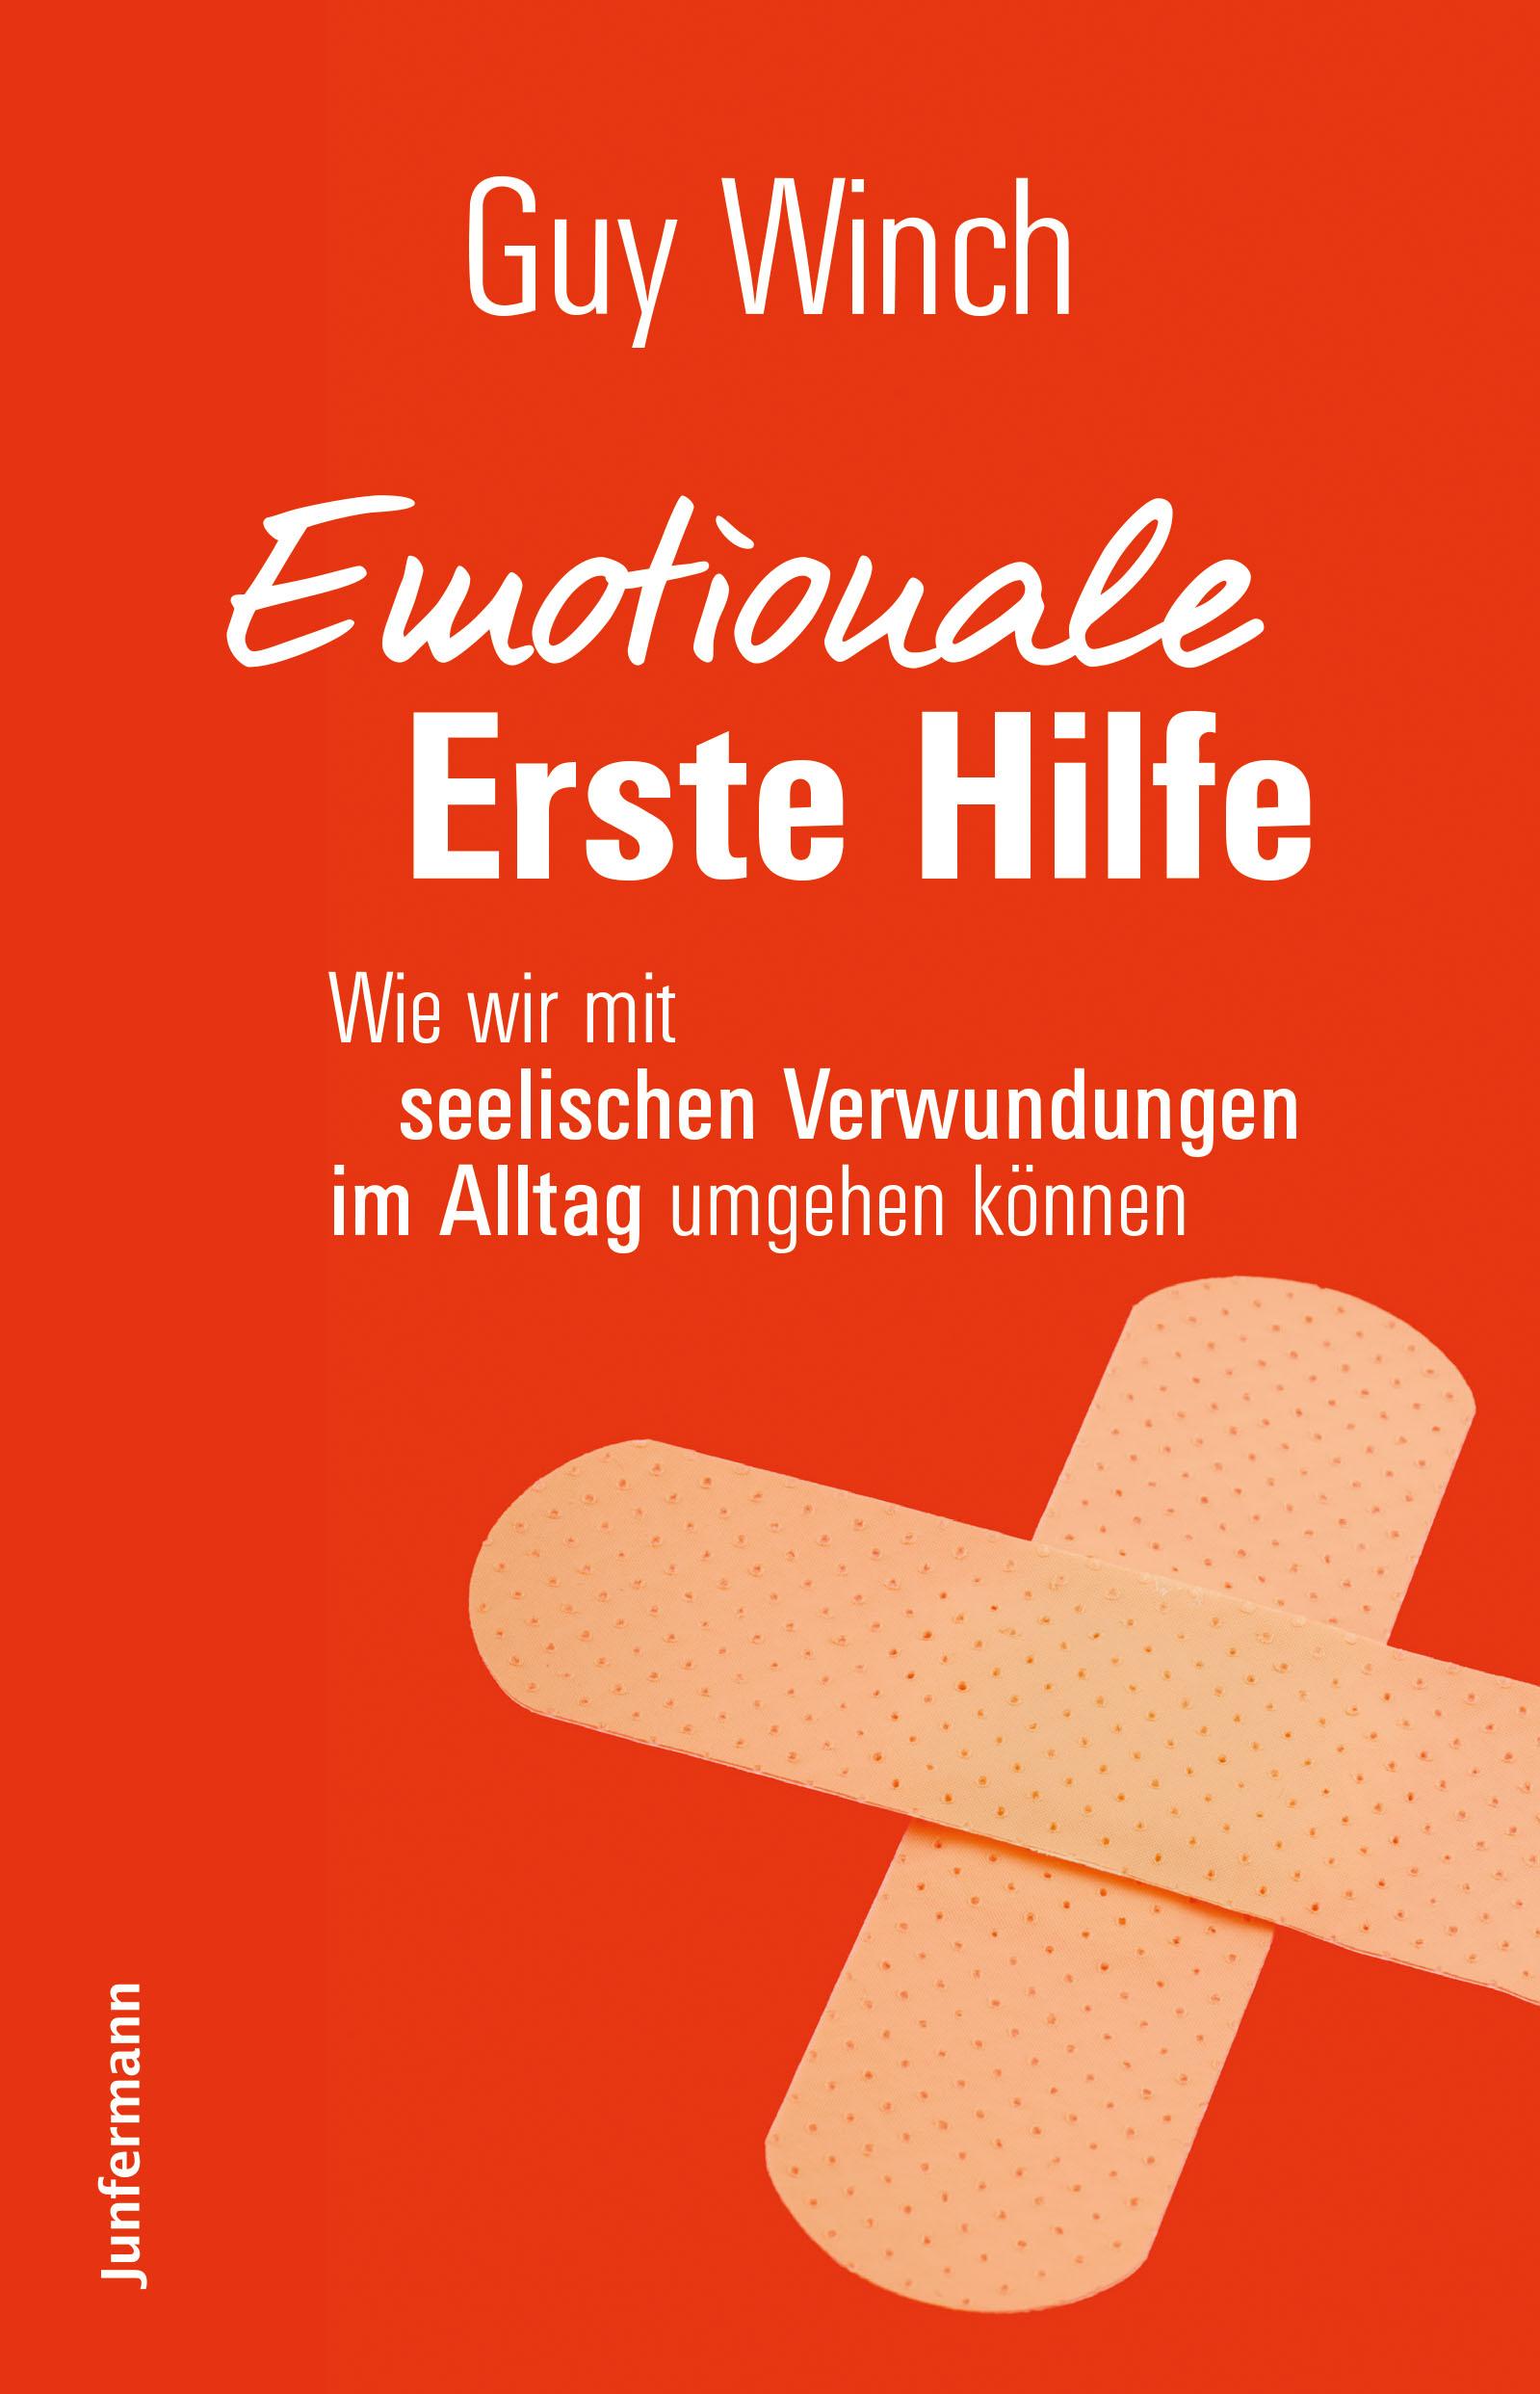 Winch-ErsteHilfe_FINAL.indd